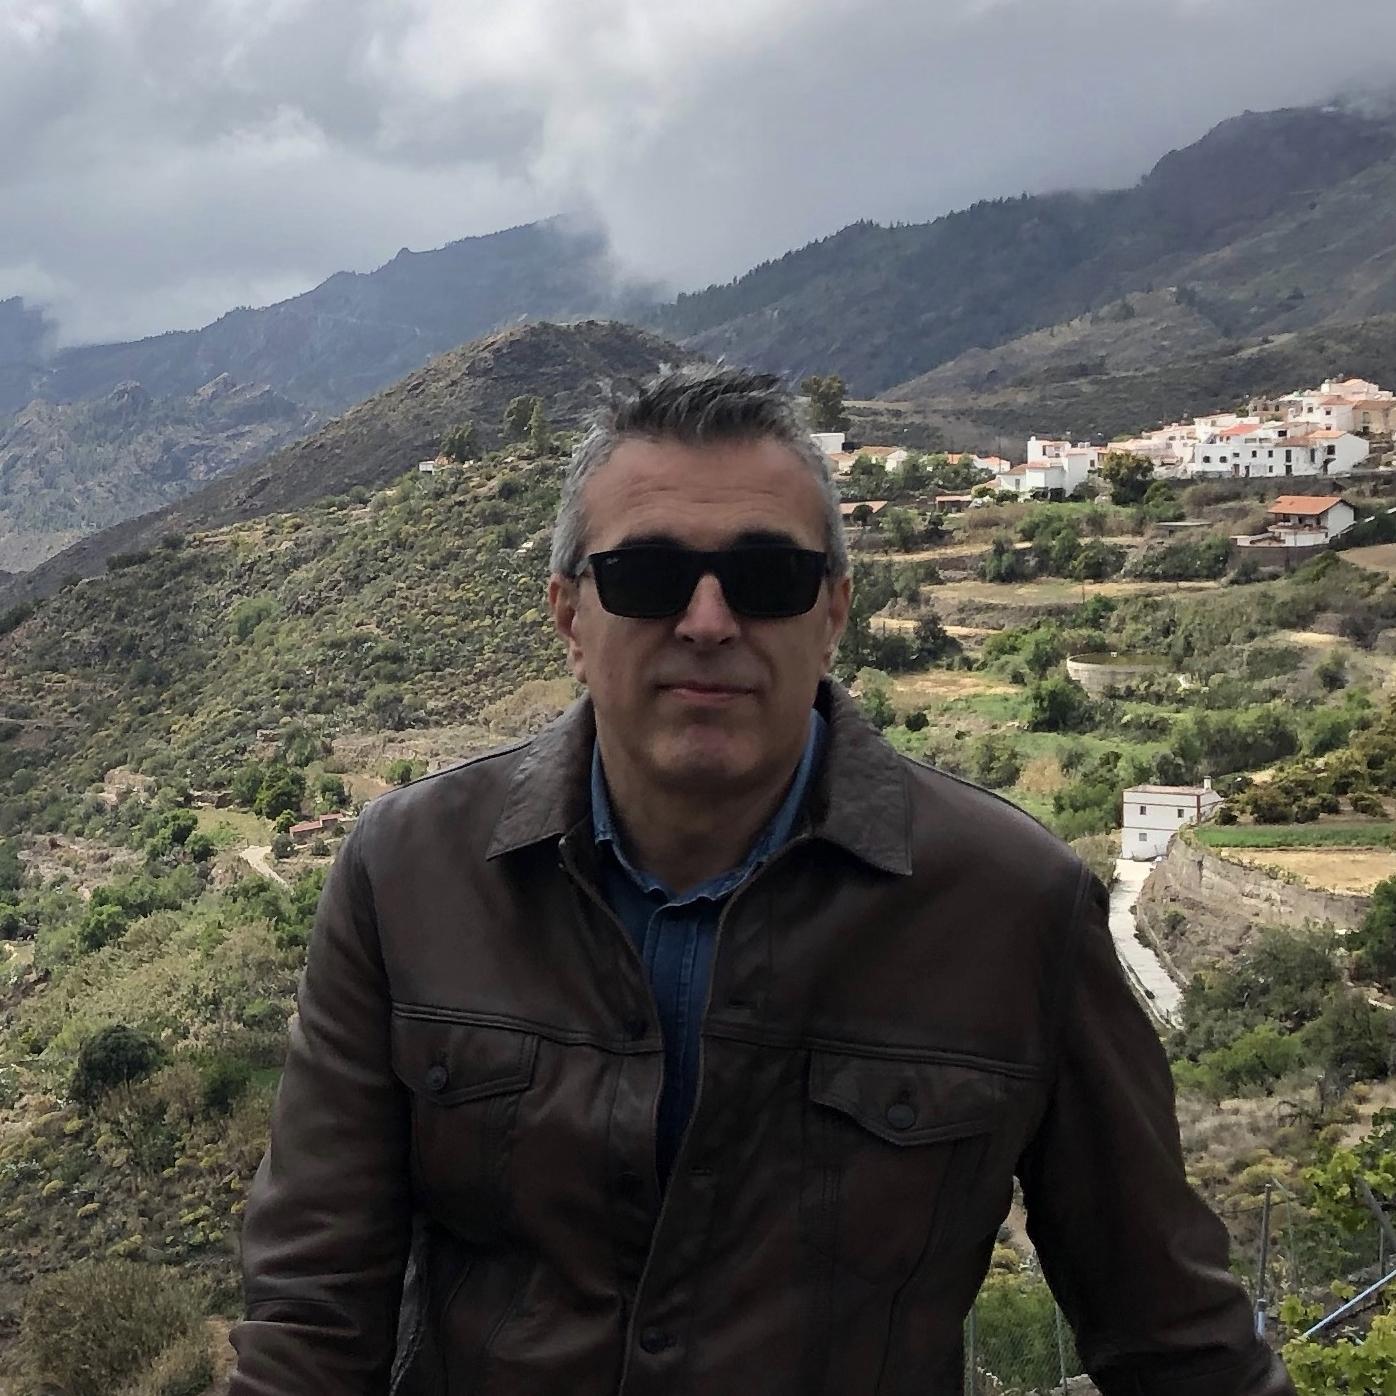 Jose Luis Vigi